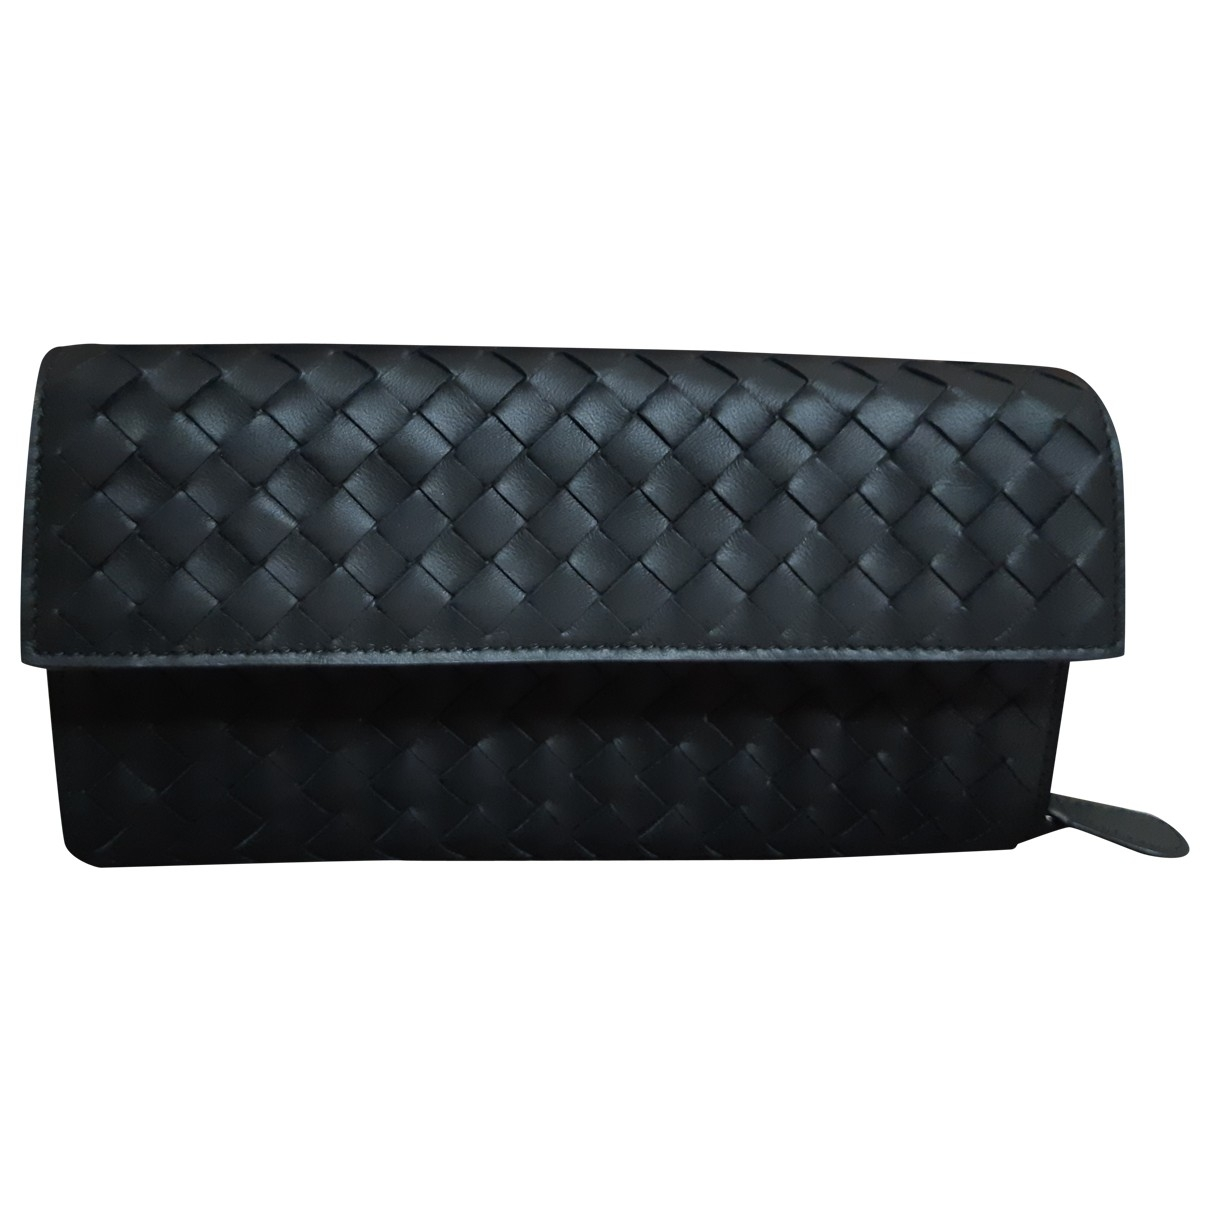 Bottega Veneta - Portefeuille Intrecciato pour femme en cuir - noir